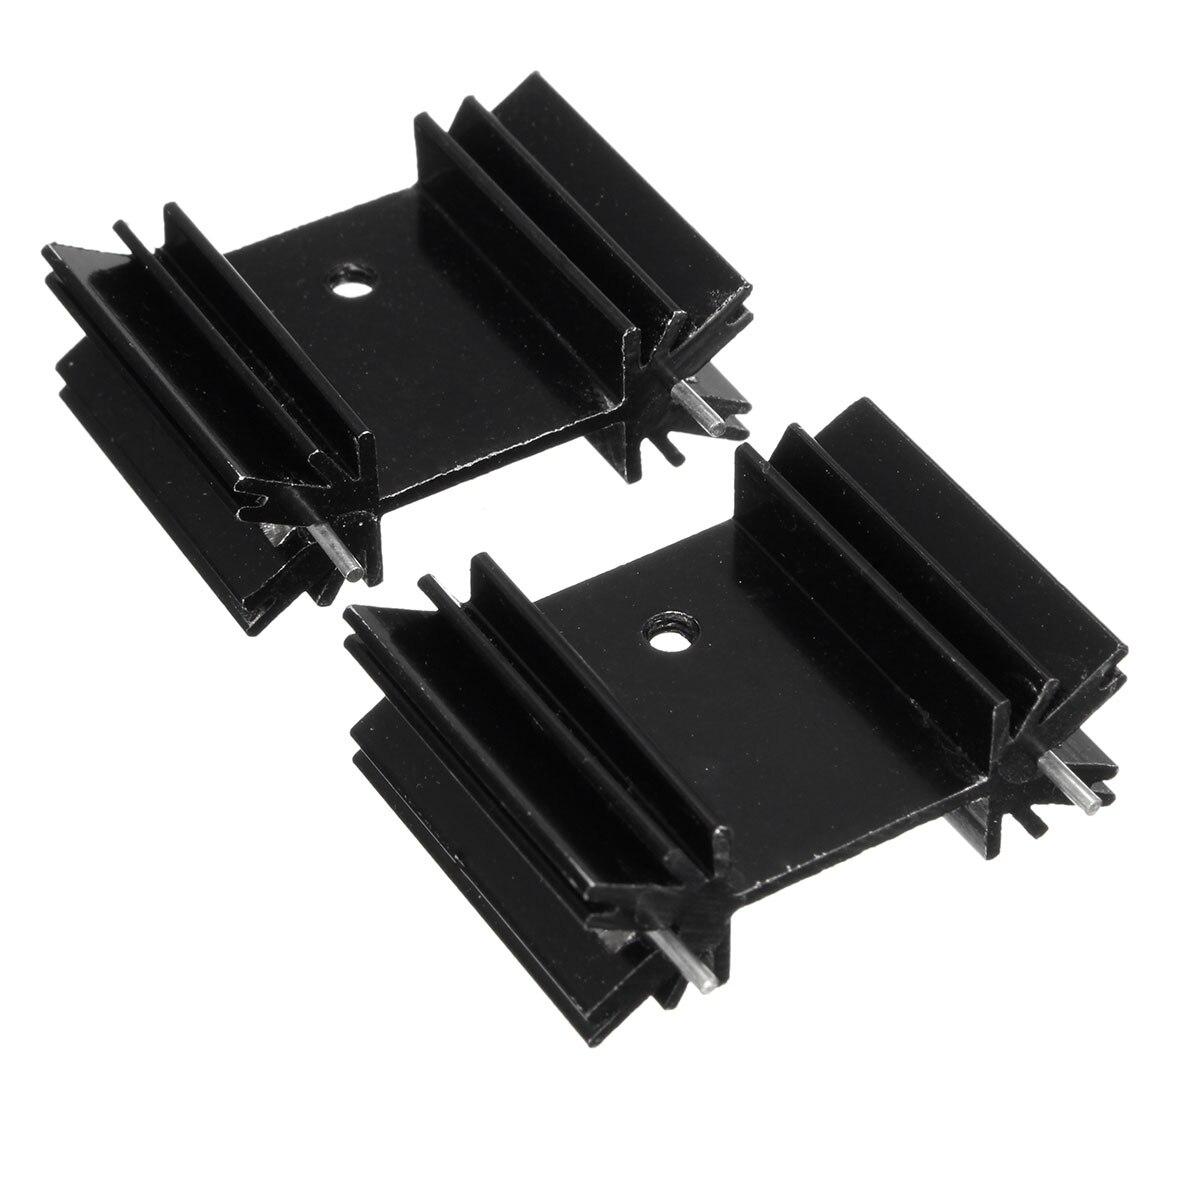 Lm317 Adjustable Filtering Power Supply Lm337 Voltage Regulator Variable Module Diy Kit